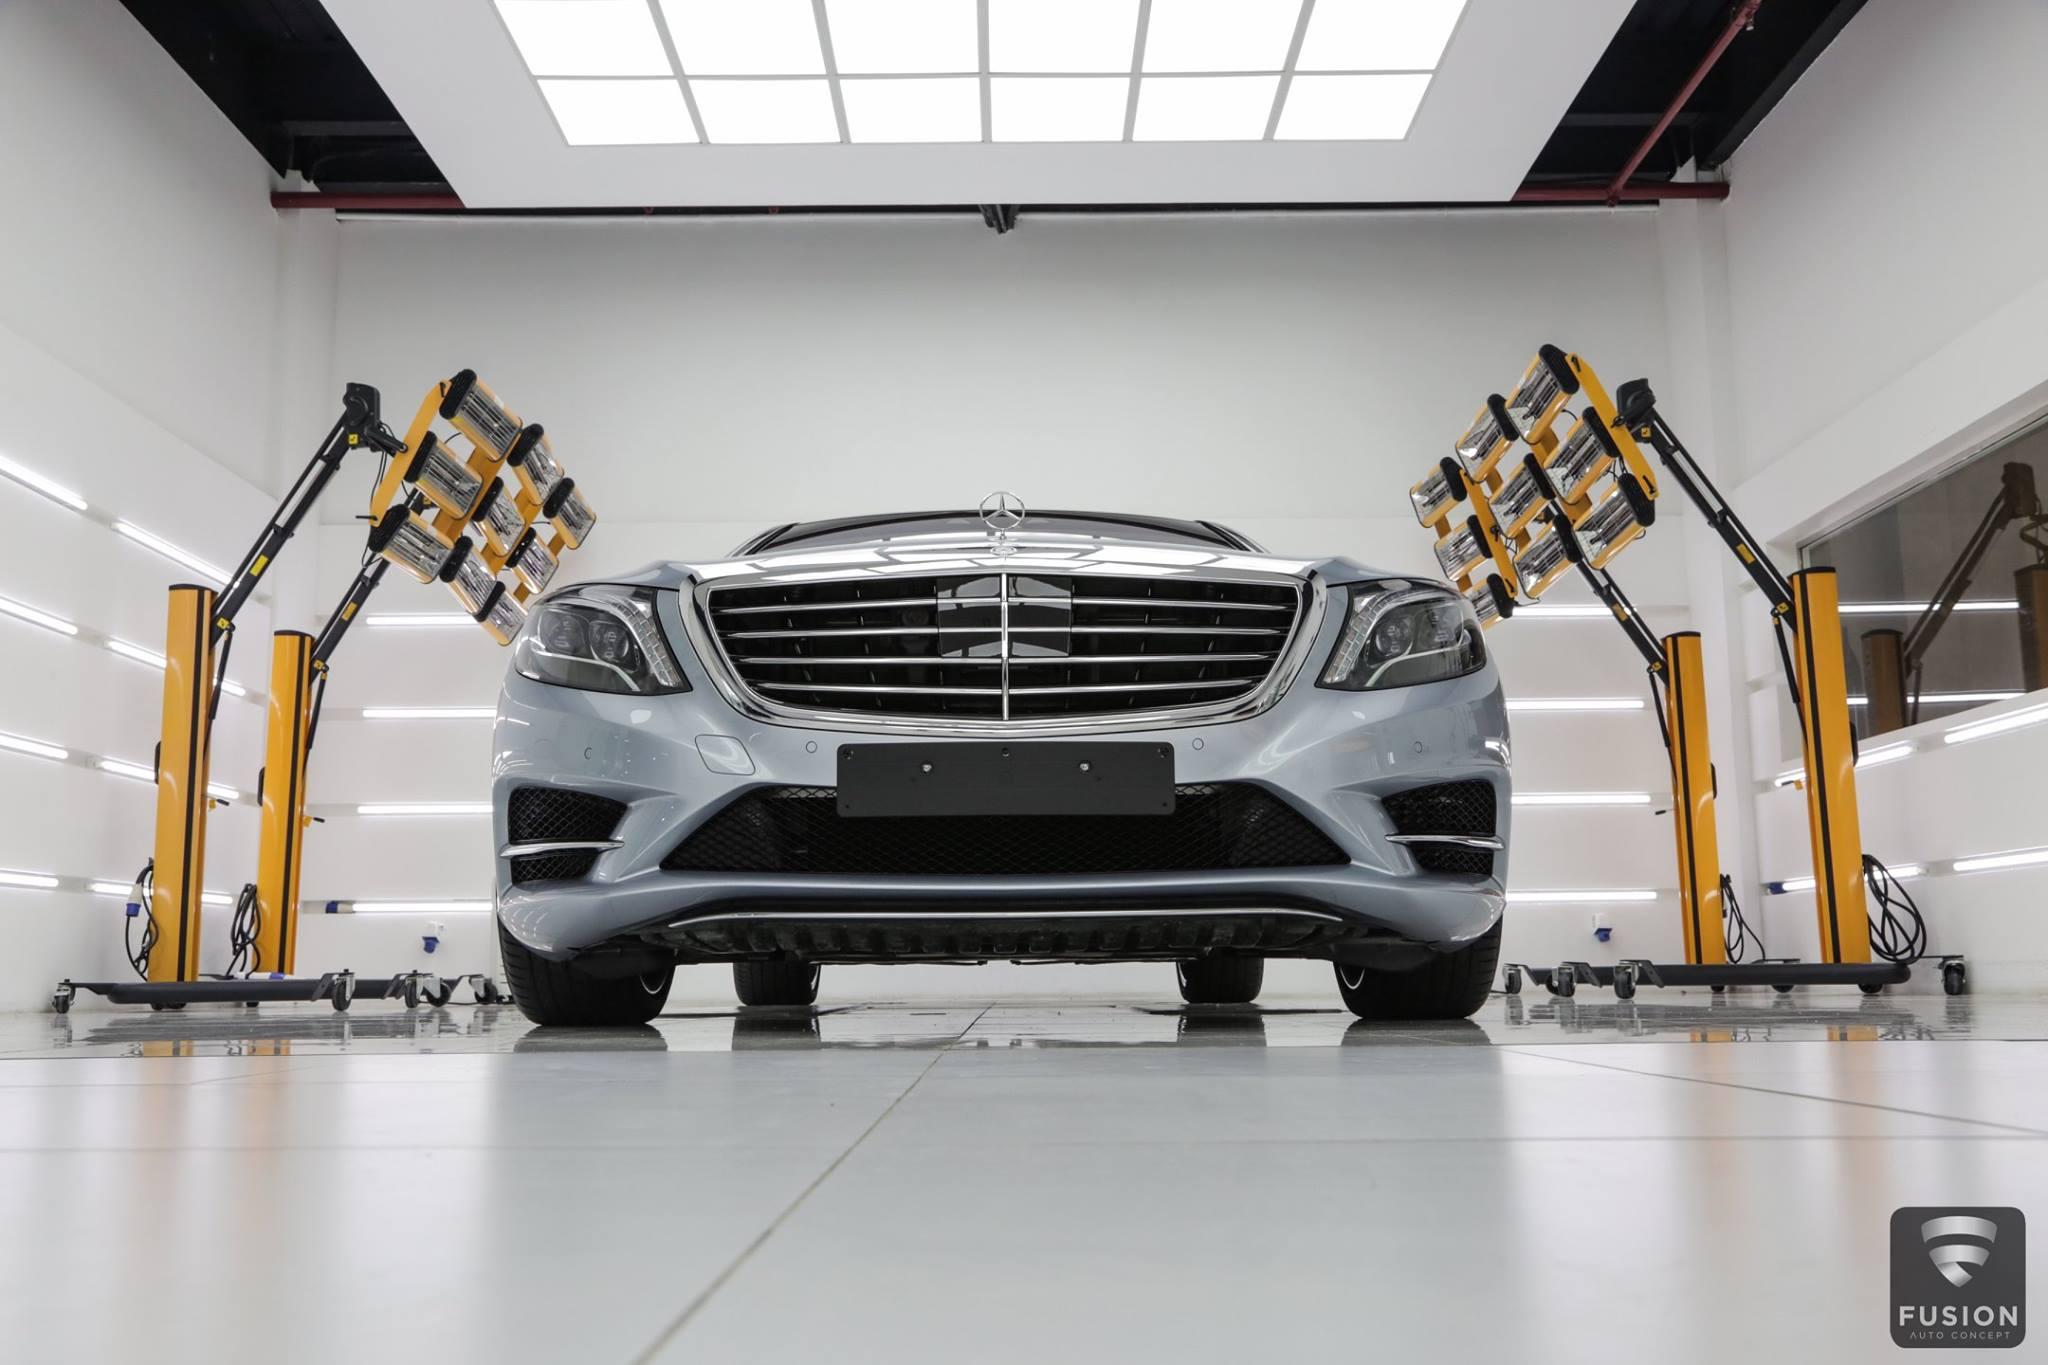 câu hỏi thường gặp về chăm sóc xe ô tô detailing